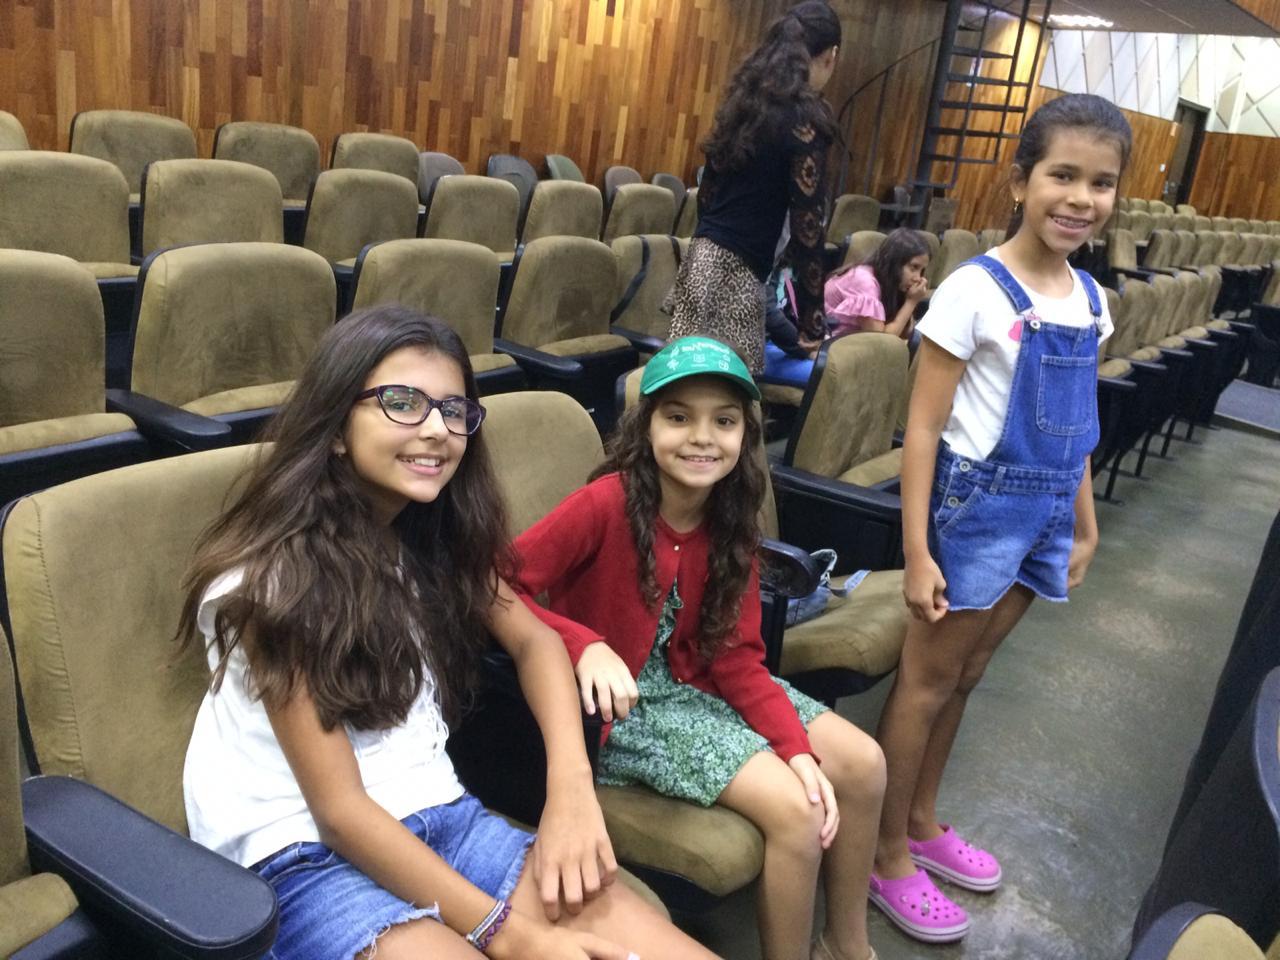 fotos convenção 2019 aula crianças domingo manhã 03-03_2019 (21)